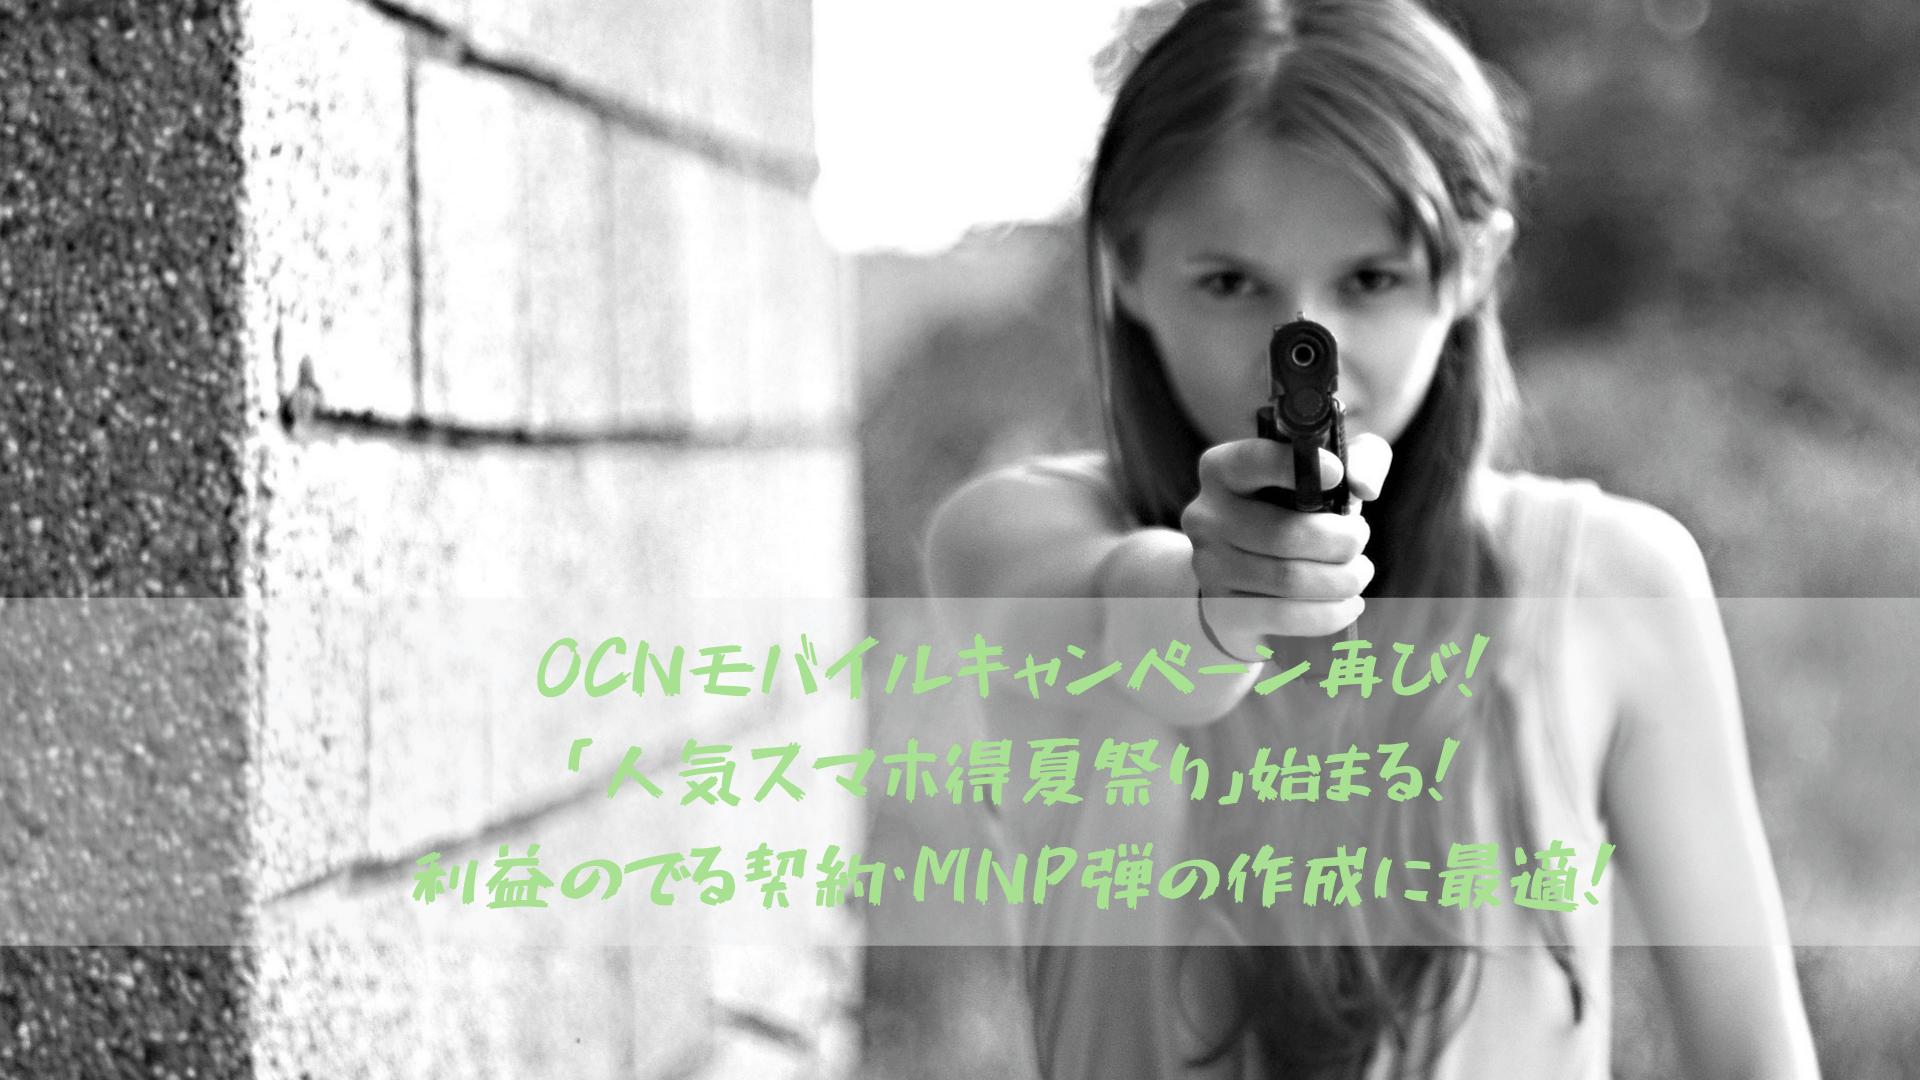 OCNモバイルキャンペーン再び!「人気スマホ得夏祭り」始まる!利益のでる契約・MNP弾の作成に最適!